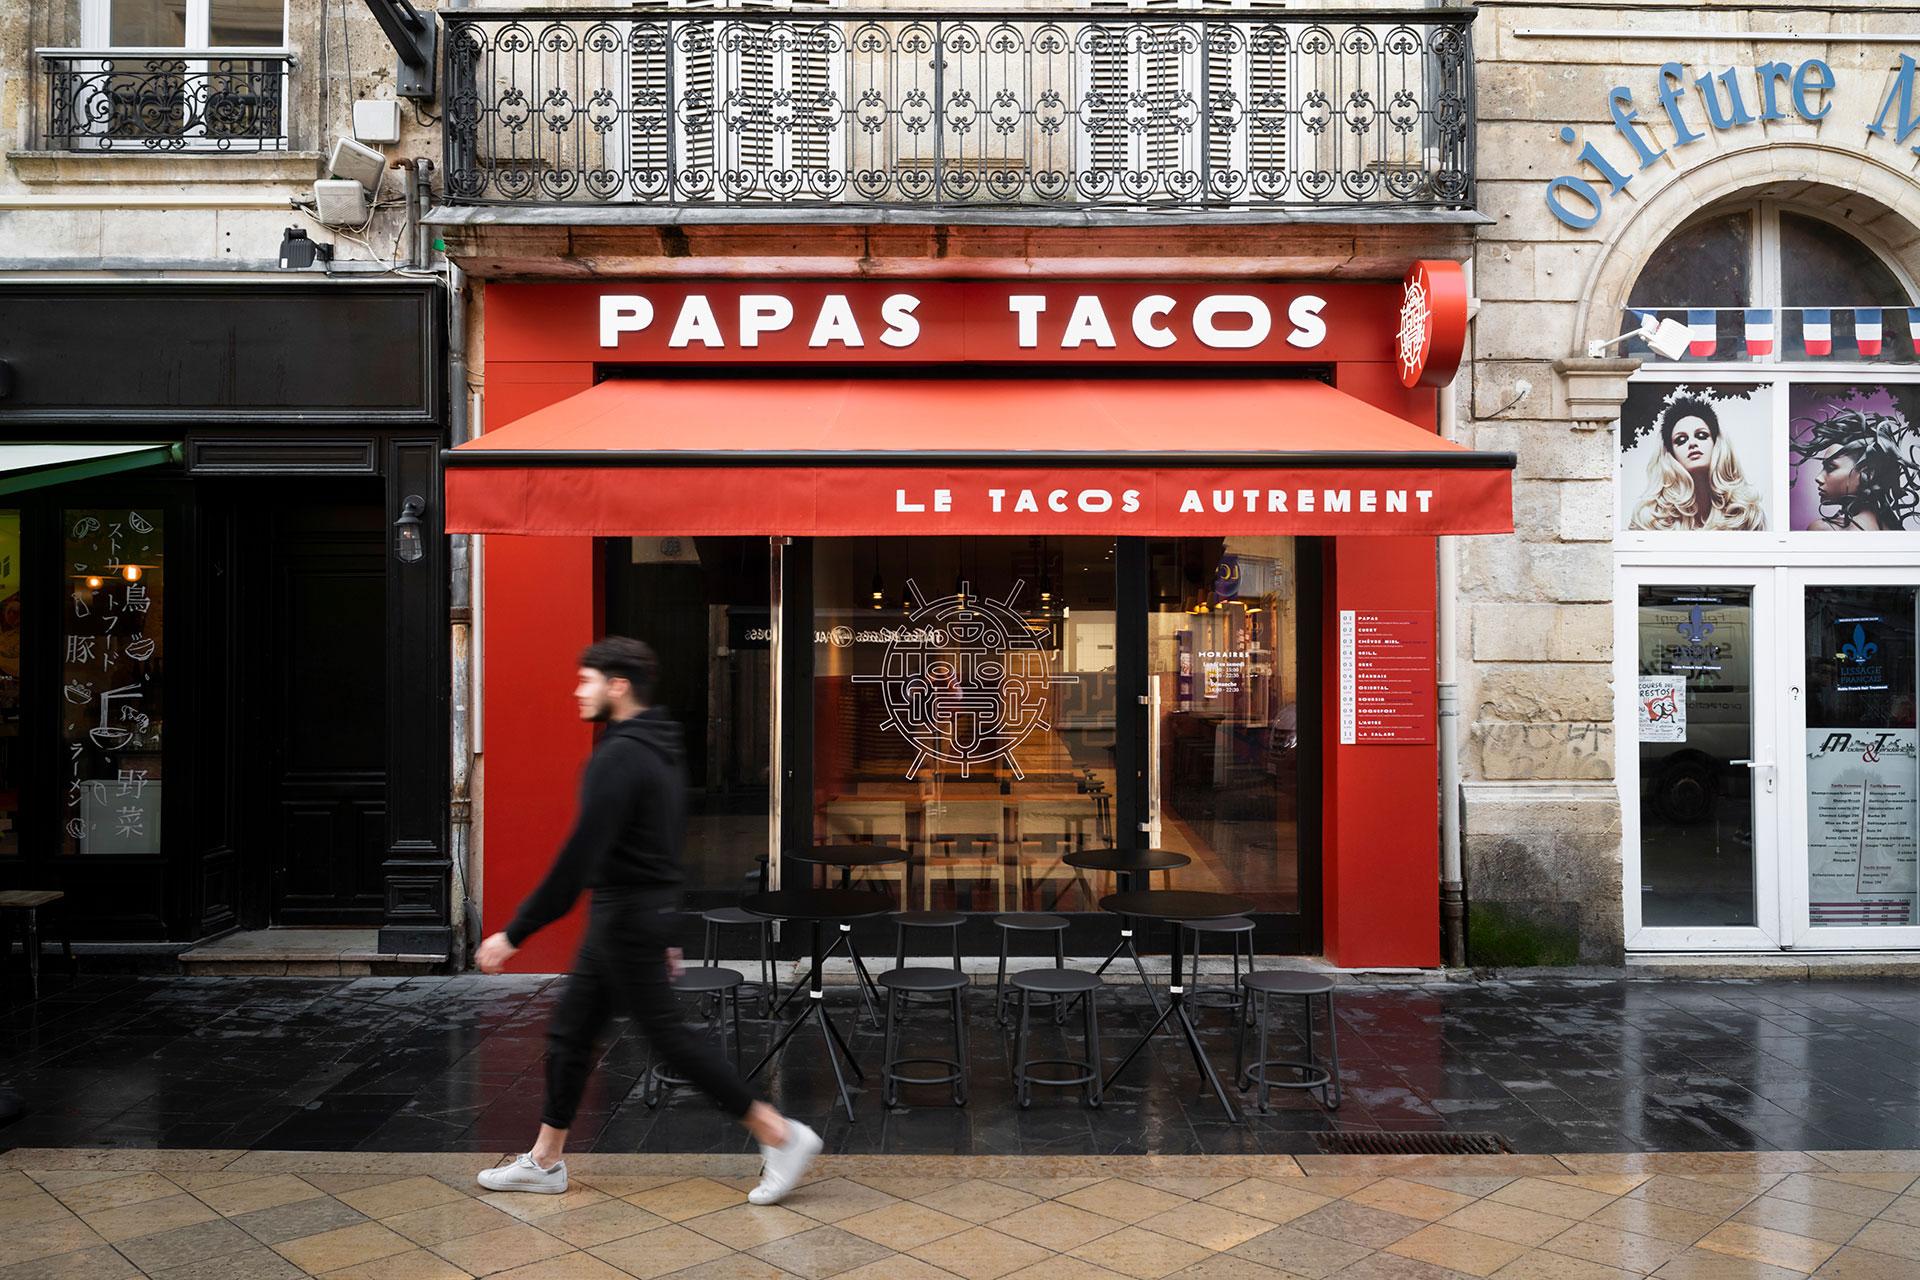 Papas TAcos - restaurant - architecture - Bordeaux - identity - facade - blind - valance - neon sign